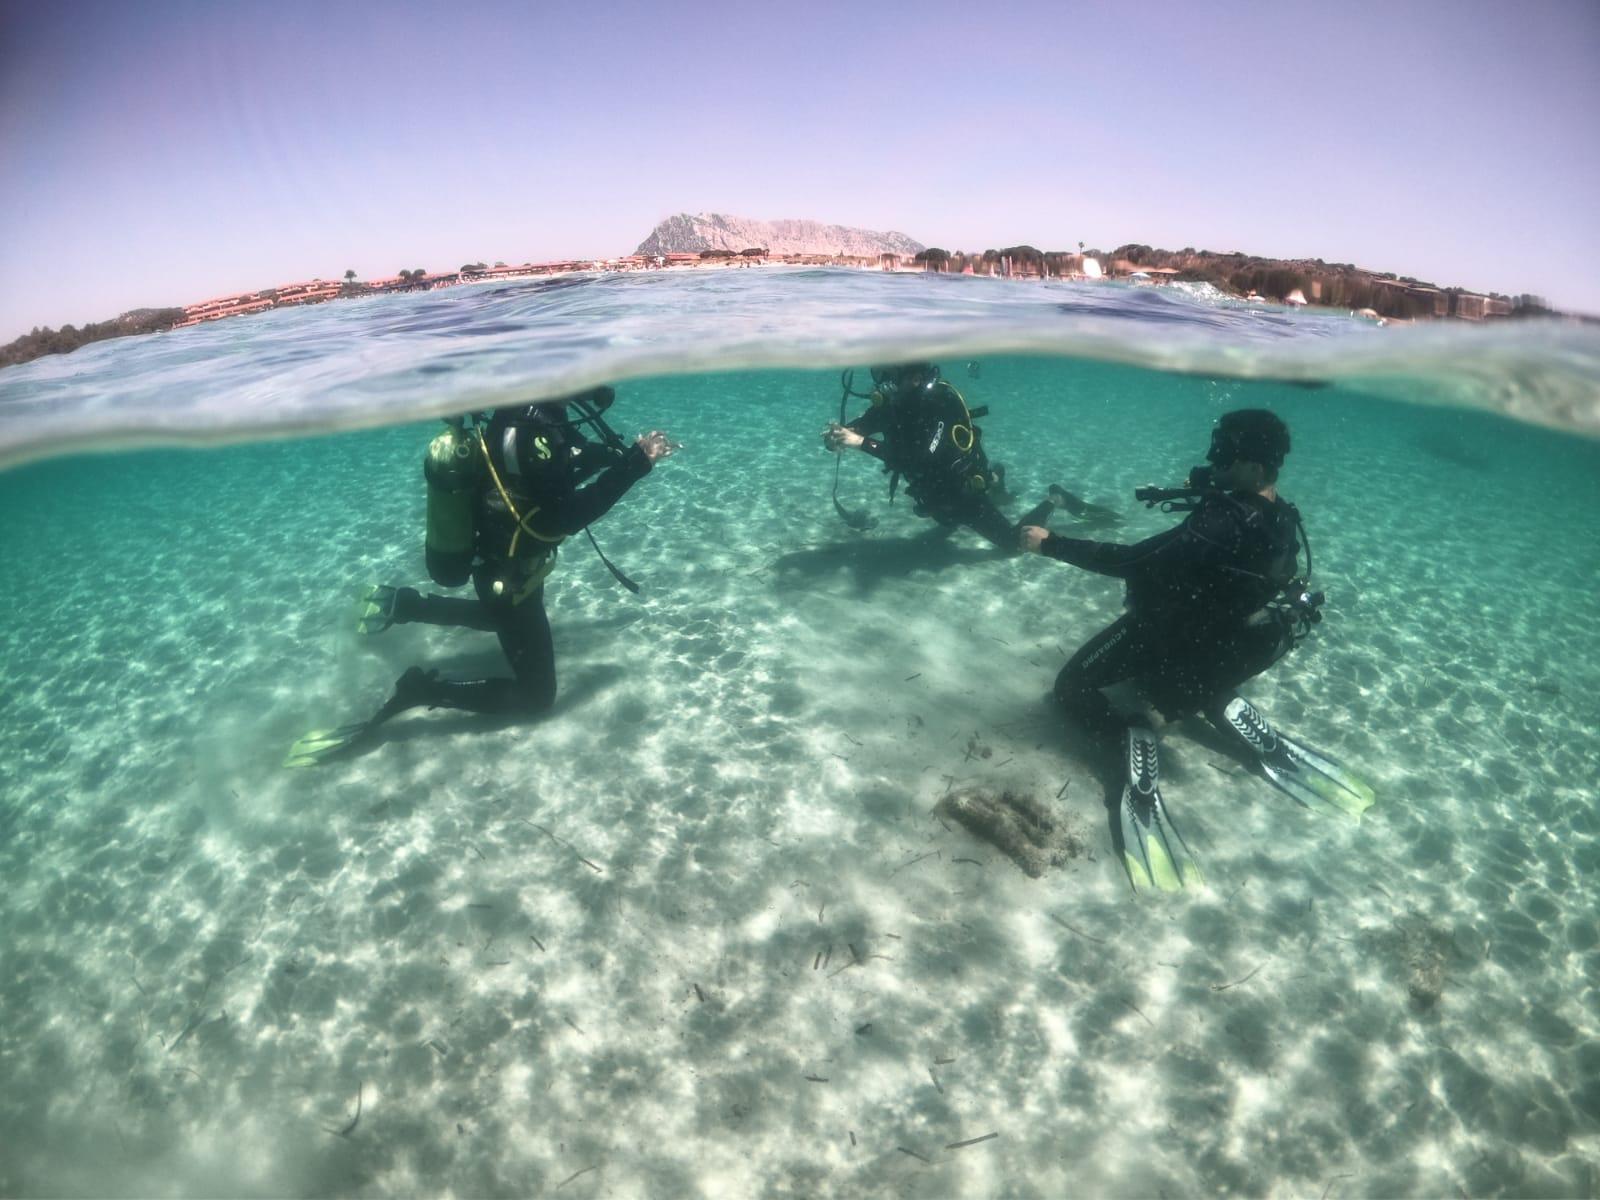 Tavolara discover scuba diving experience in Sardinia, Italy